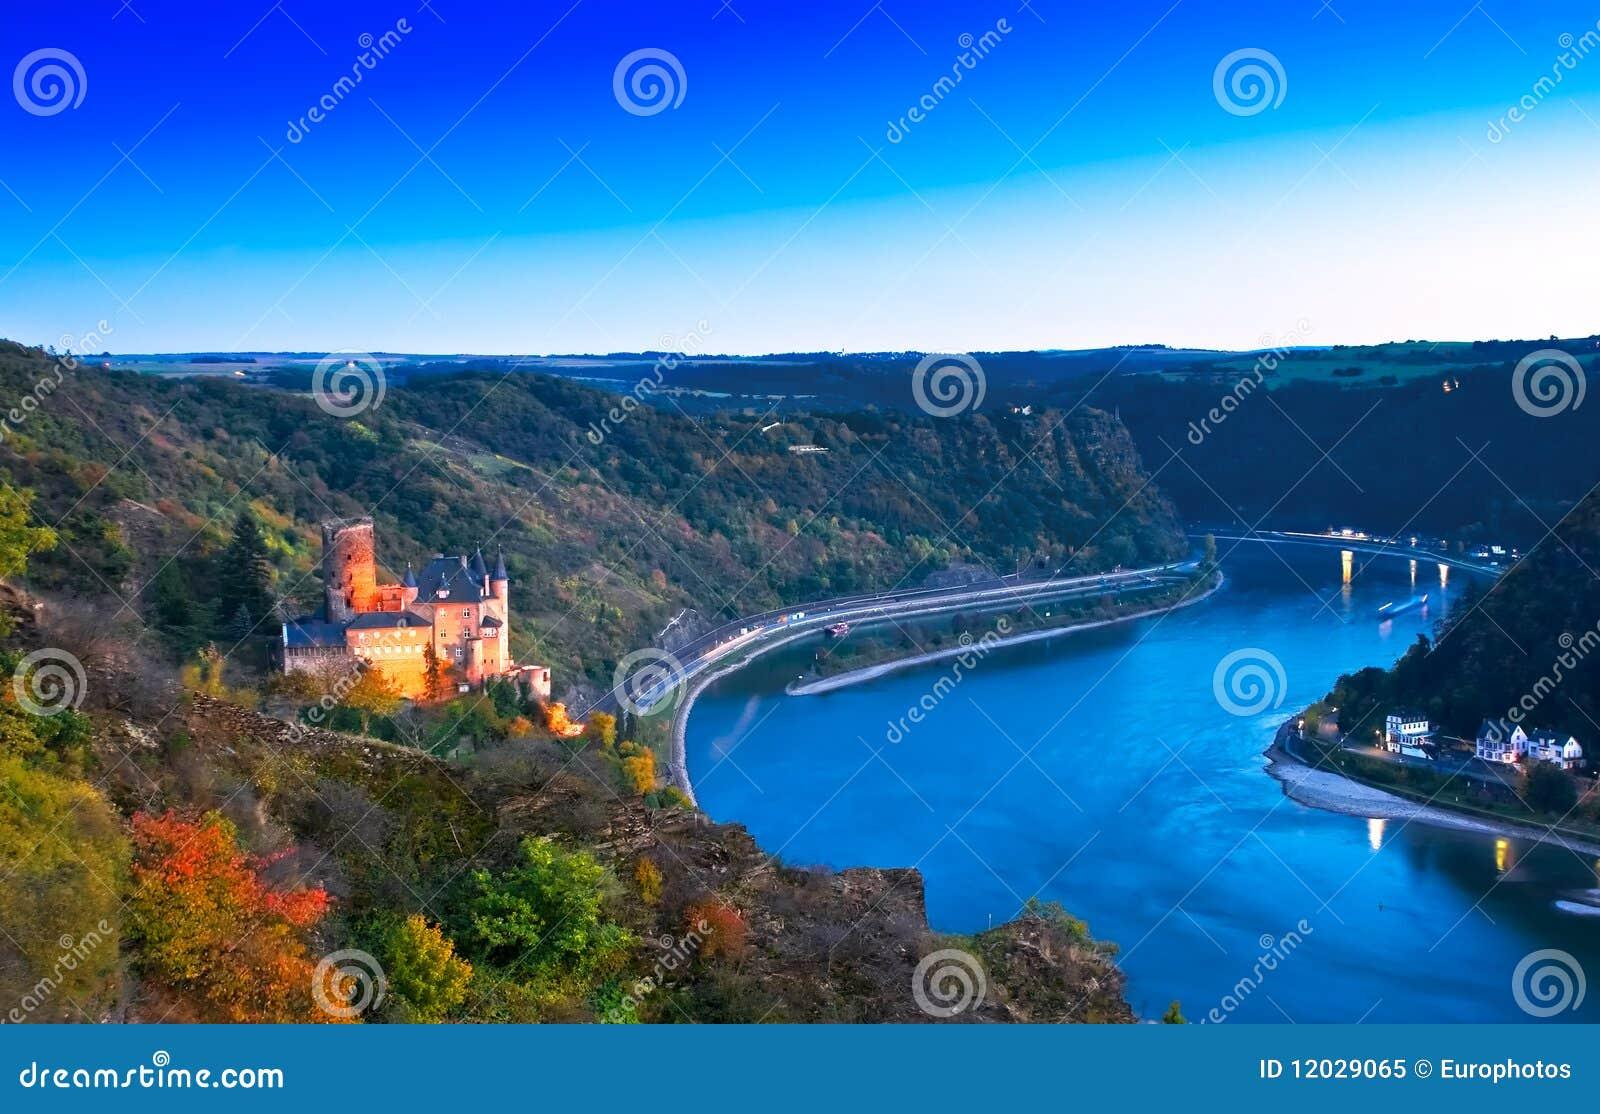 Burg Katz et le Loreley, Allemagne